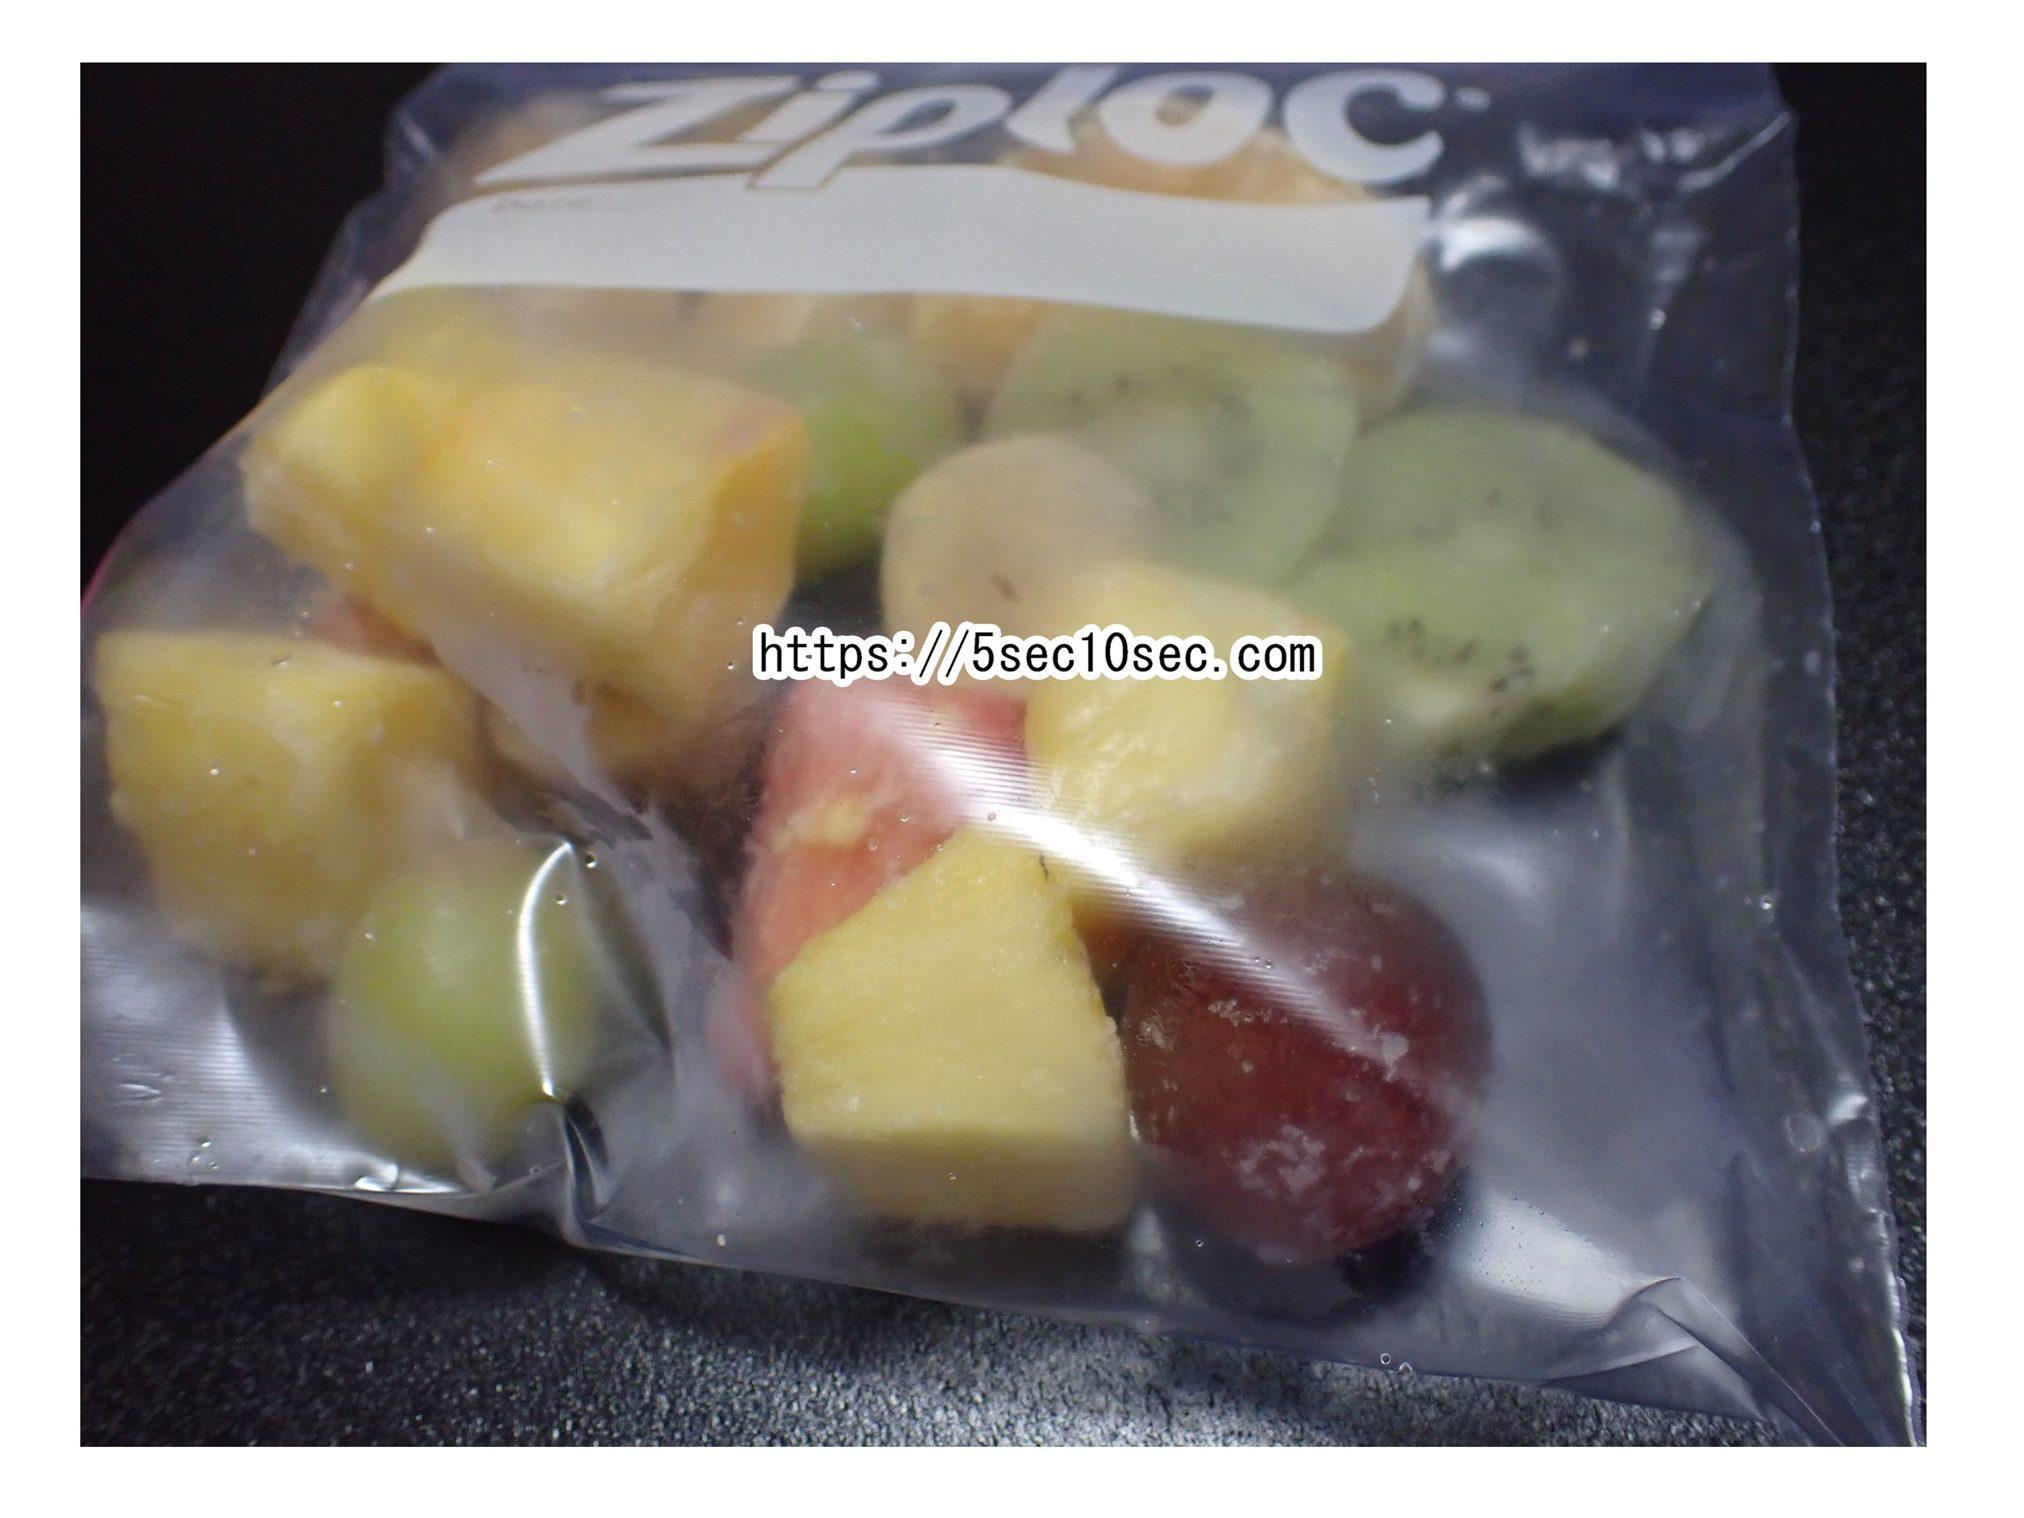 普通の果物を凍らせて冷凍フルーツを作ってみた写真